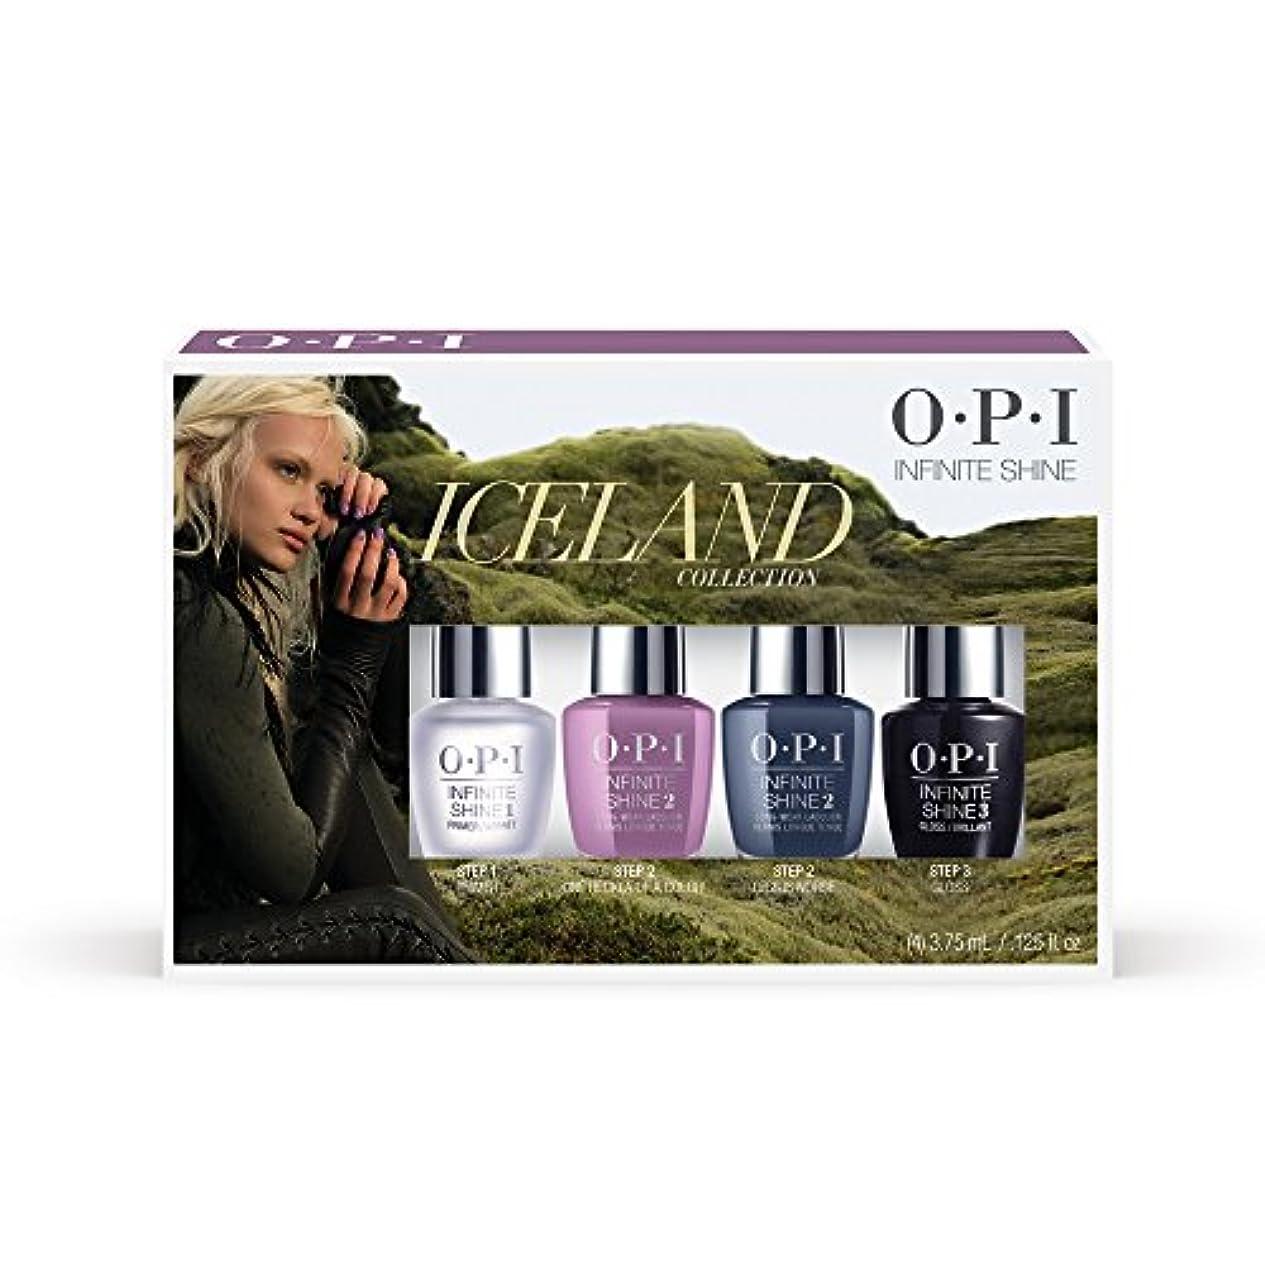 一般的なリップパスポートOPI(オーピーアイ) アイスランド コレクション インフィニット シャイン ミニパック